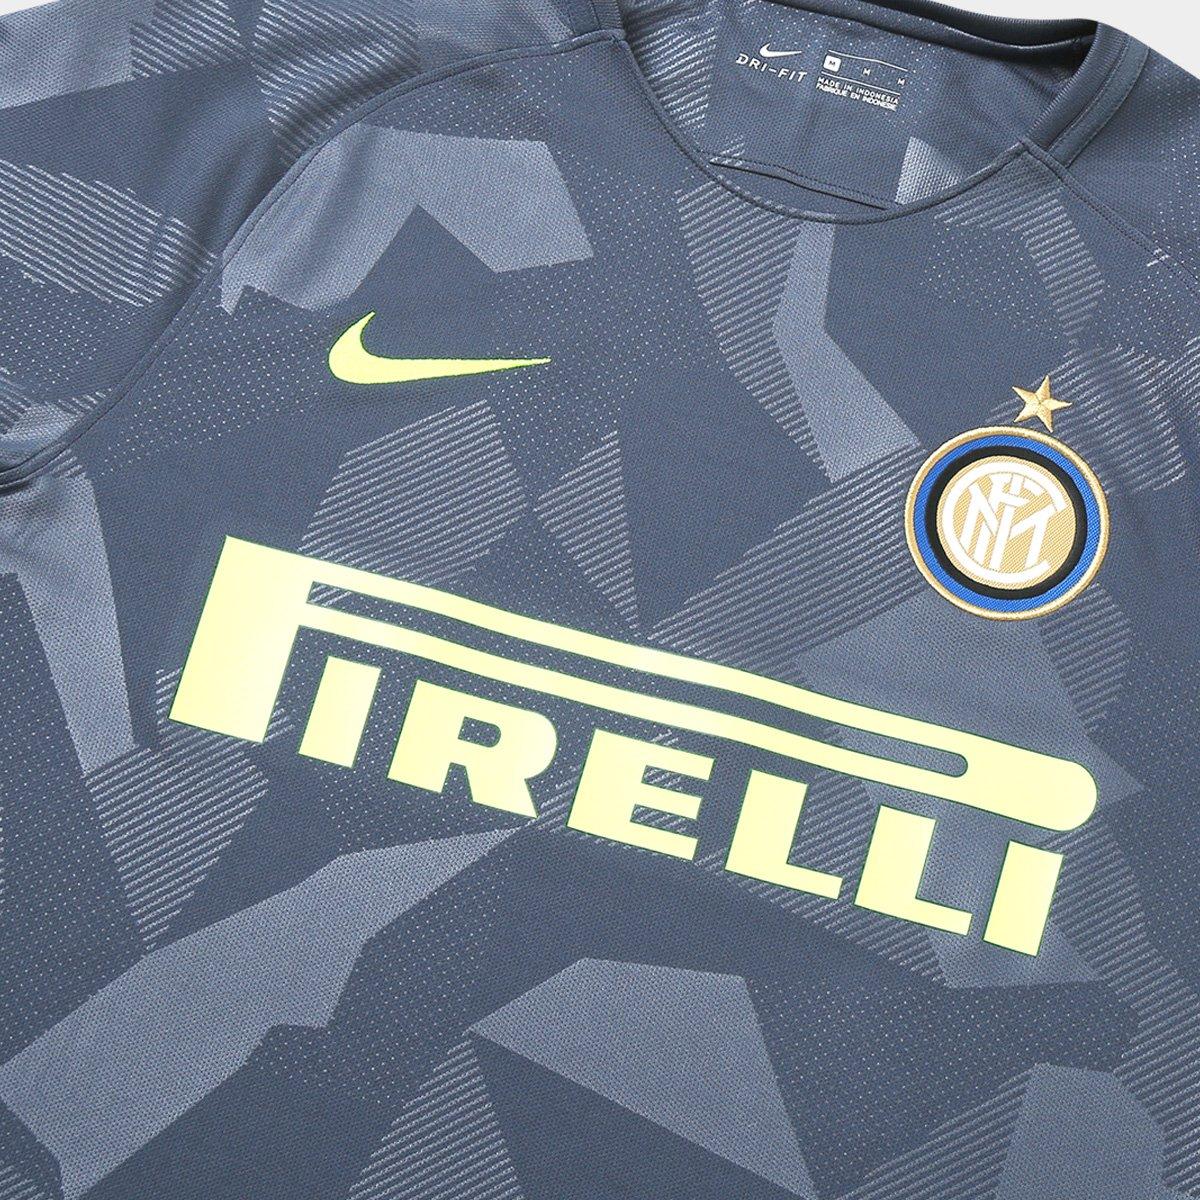 e6a5e25201 Camisa Inter de Milão Third 17 18 s n° - Torcedor Nike Masculina ...